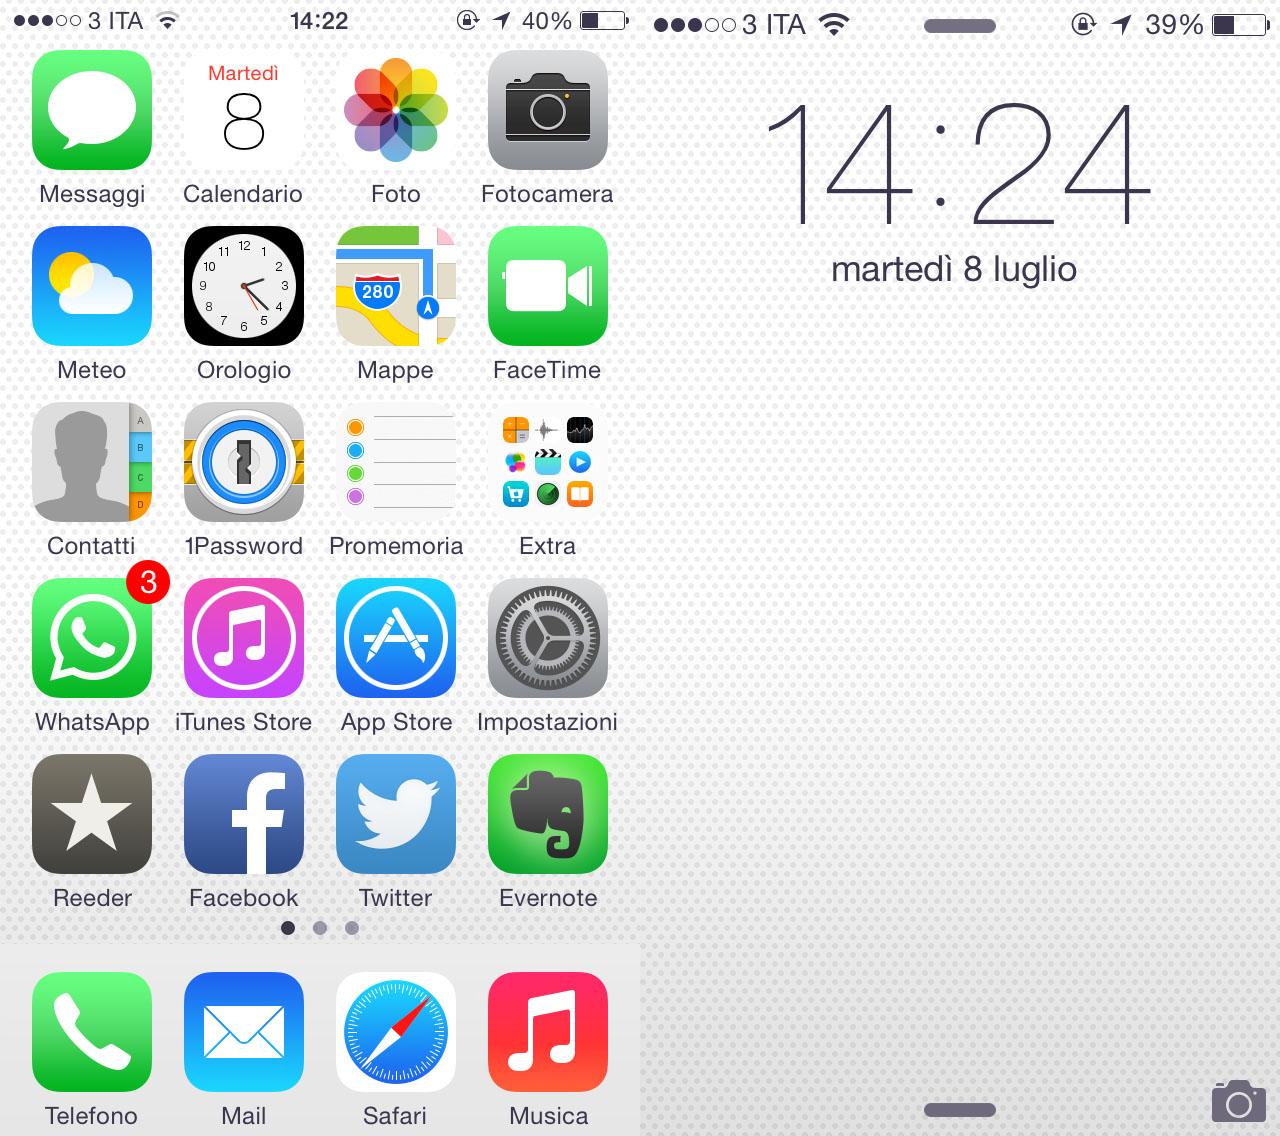 Scarica Il Nuovo Sfondo Di Ios 8 Beta 3 Iphone Italia